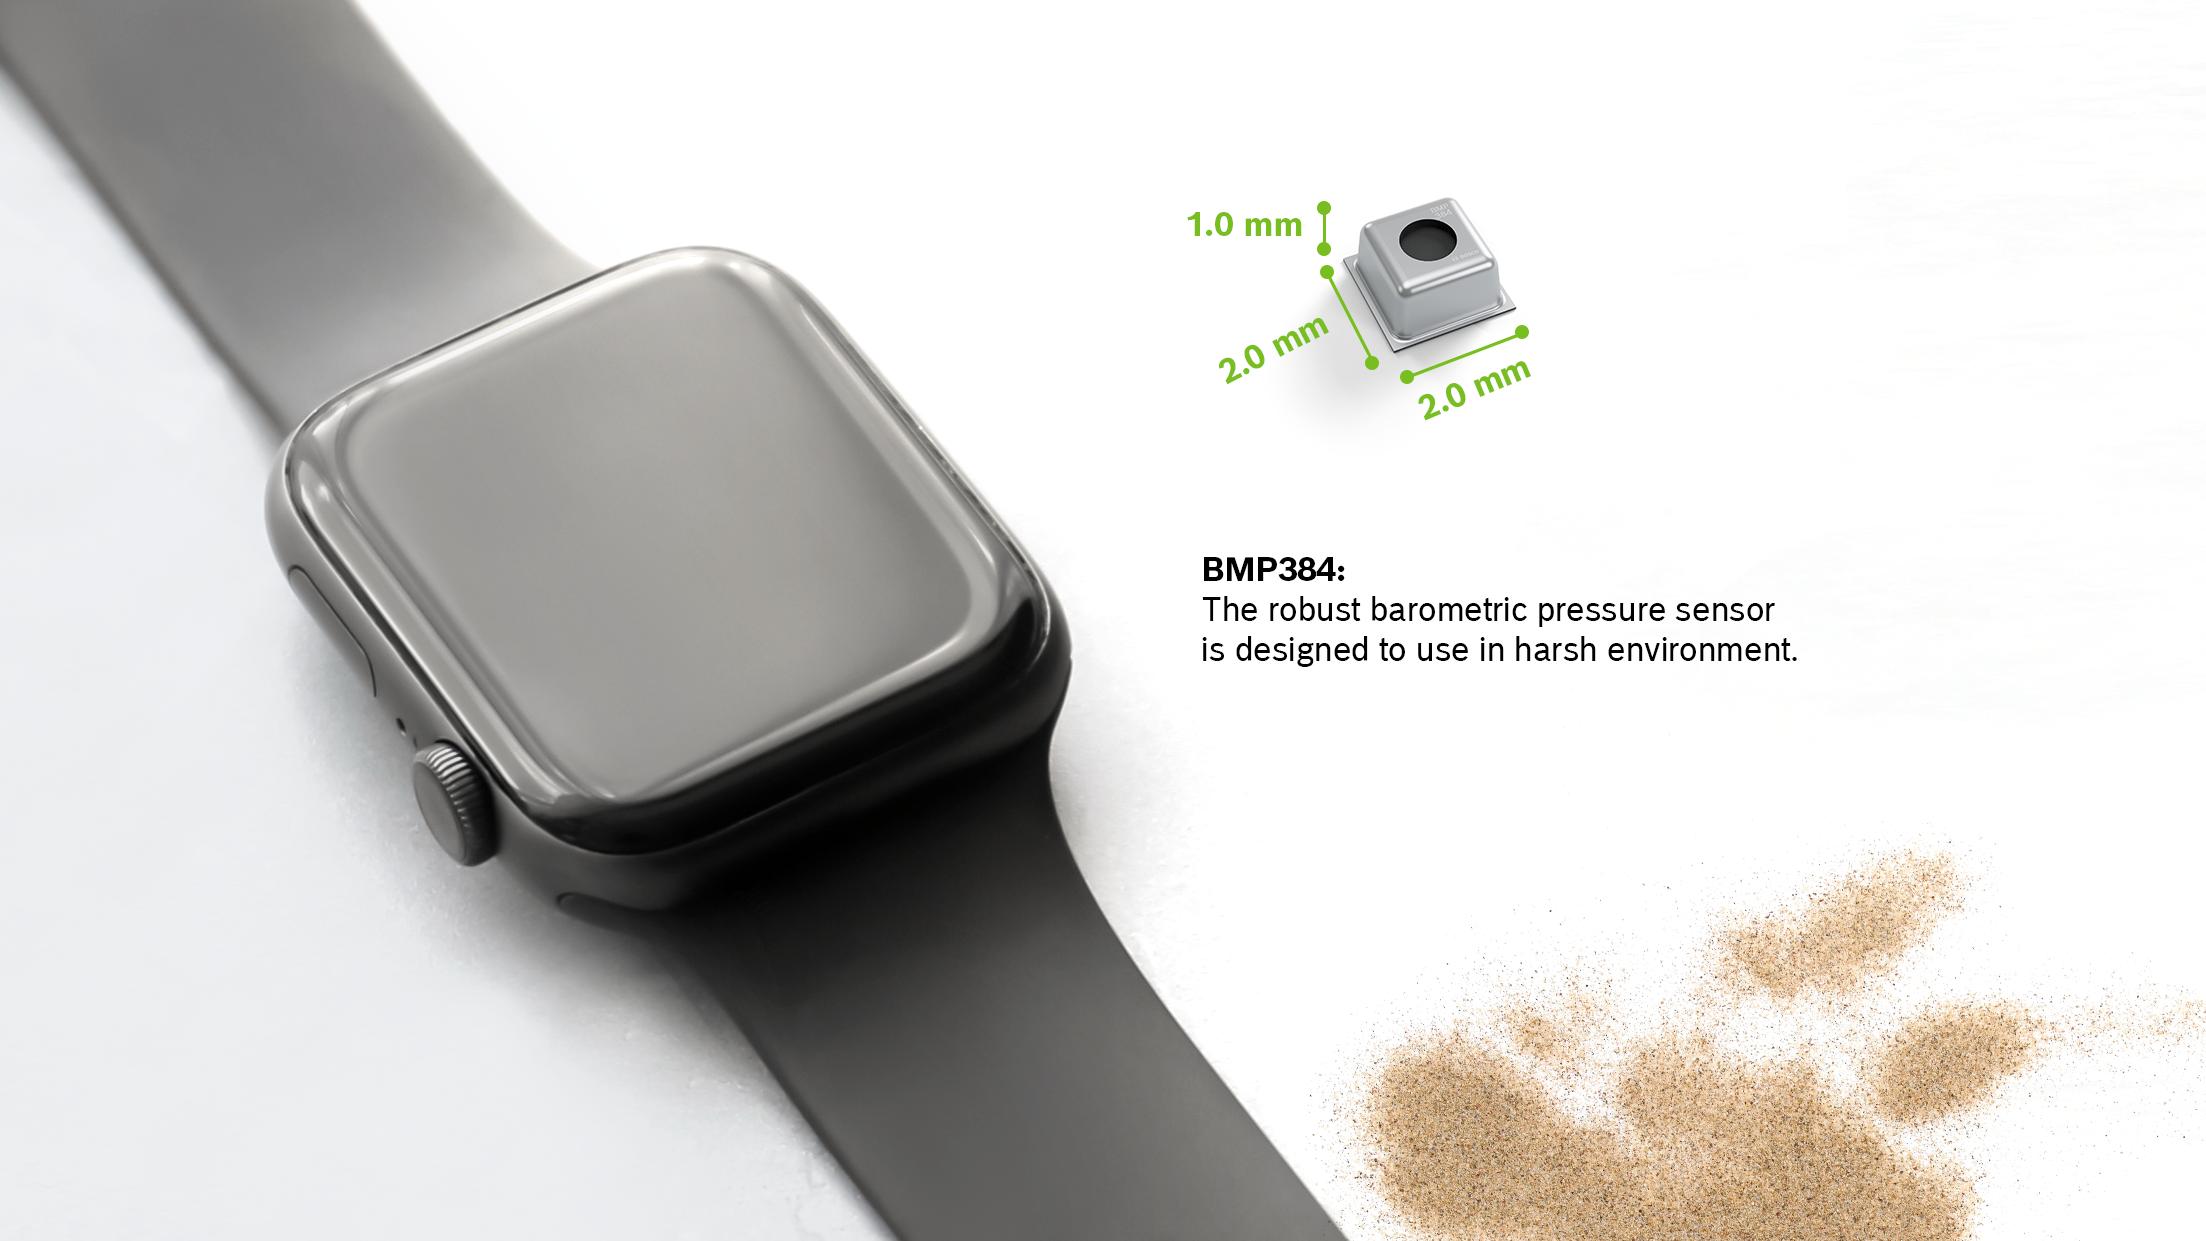 L'acqua non fa più paura: Bosch lancia un nuovo sensore di pressione barometrica